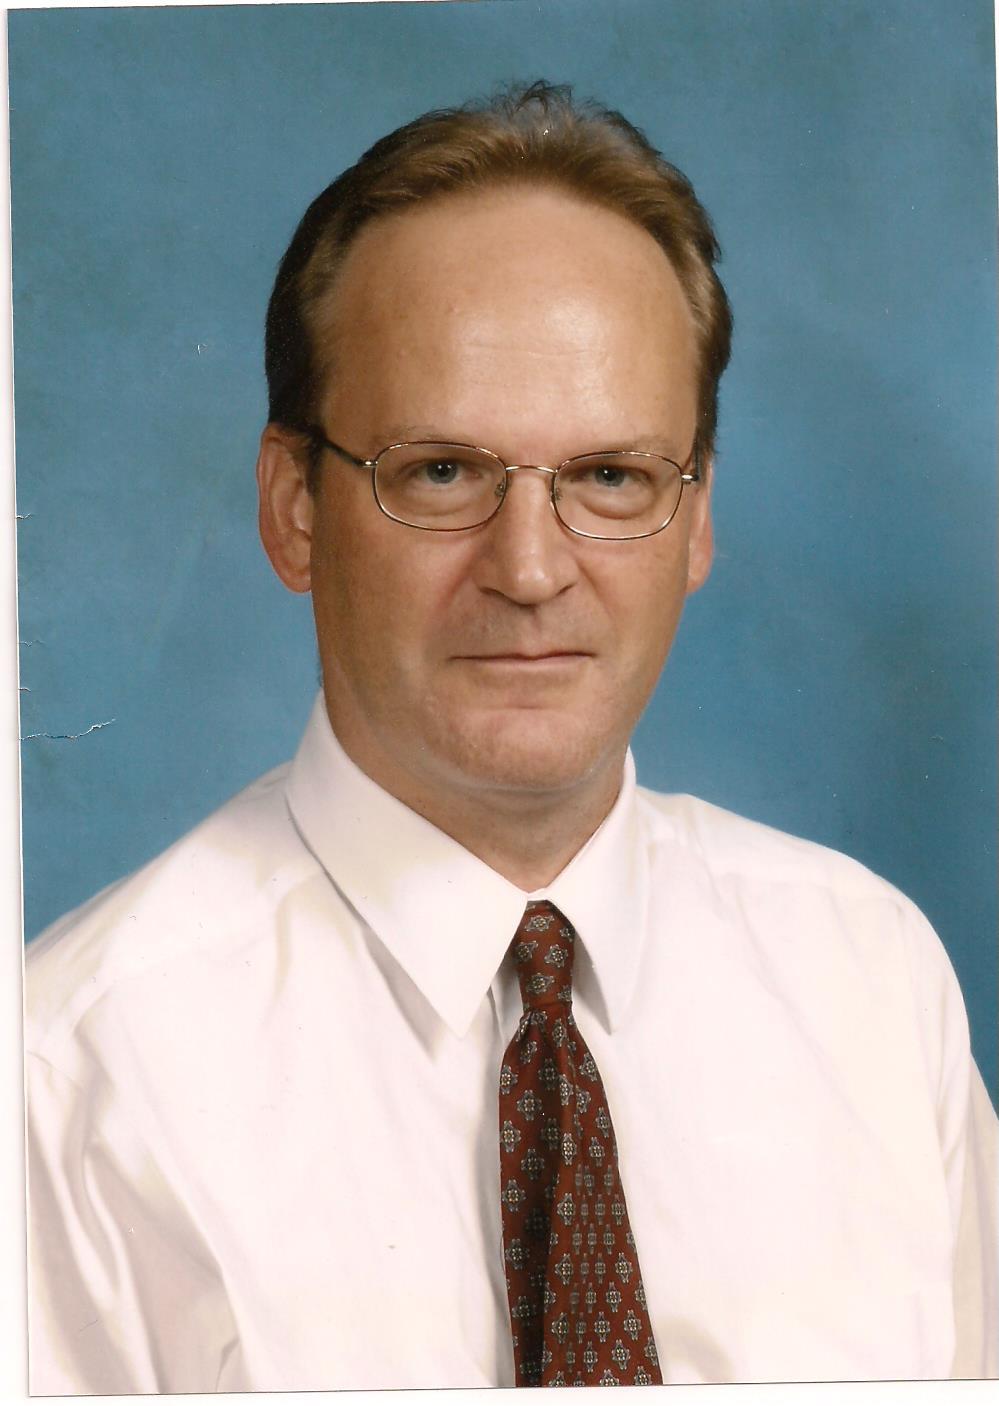 Rick Helf